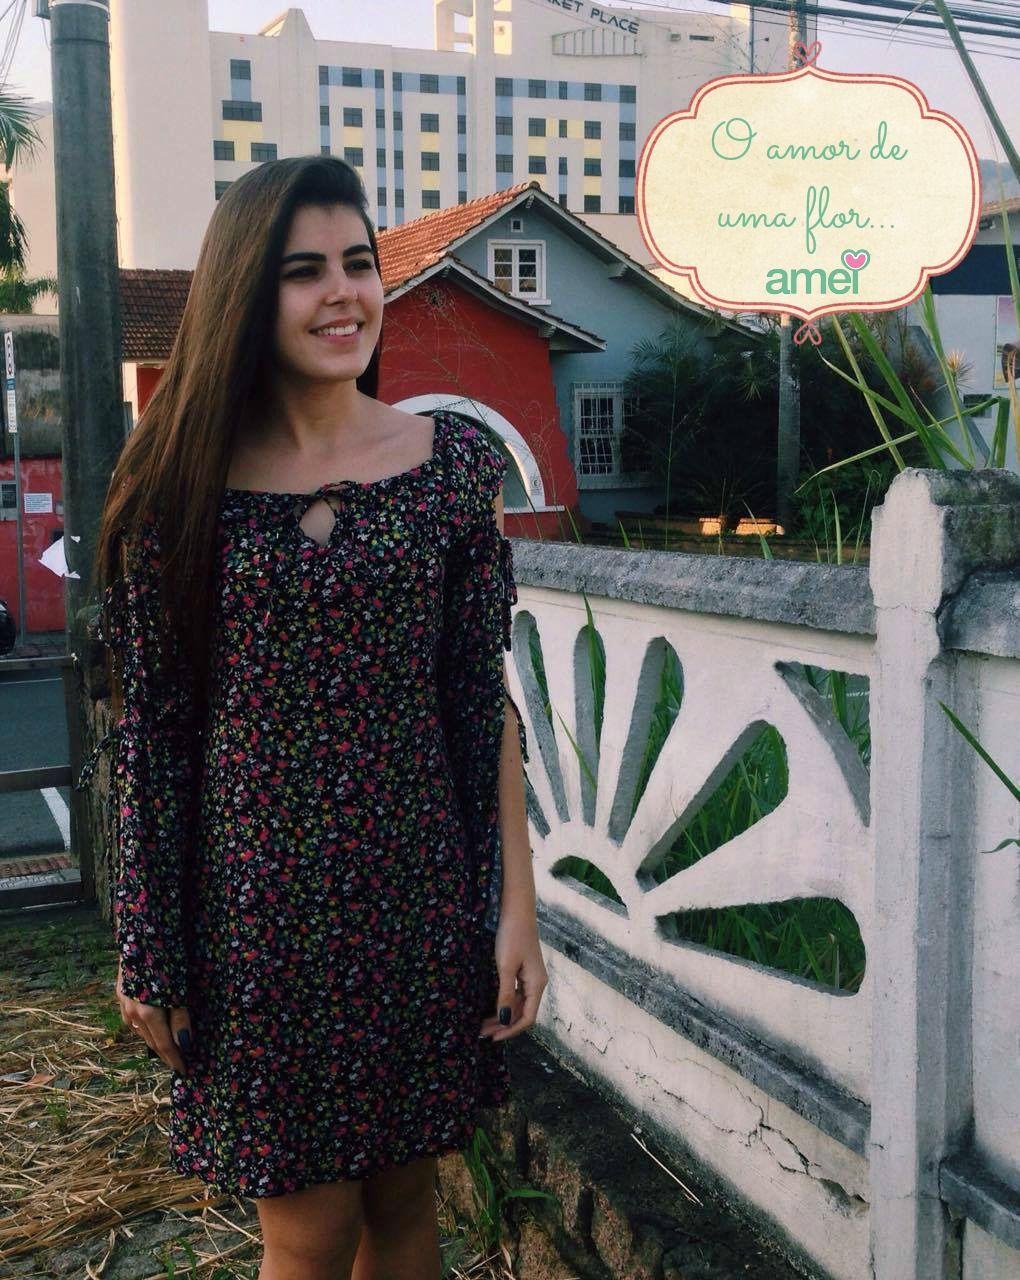 🌿💕🍃 #vestido #flores #lojaamei #muitoamor #jardimamei